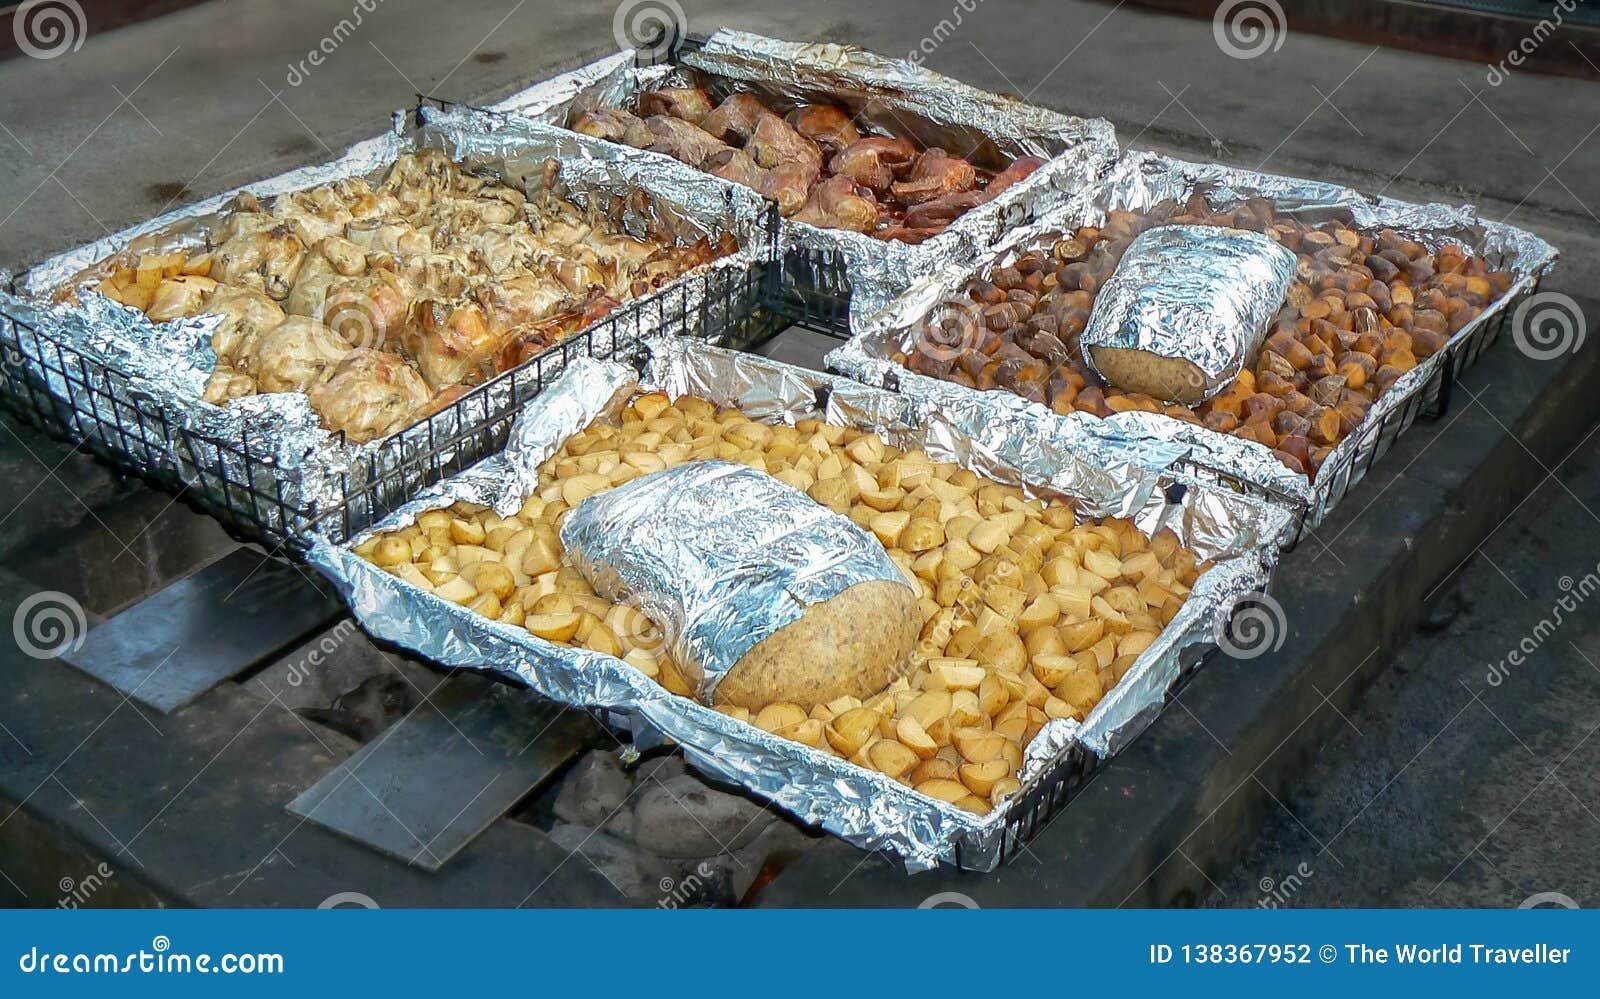 Tradycyjny hangi posiłek, gotujący metro w ziemskim piekarniku Maoryjskimi ludźmi, Rotorua, Północna wyspa, Nowa Zelandia